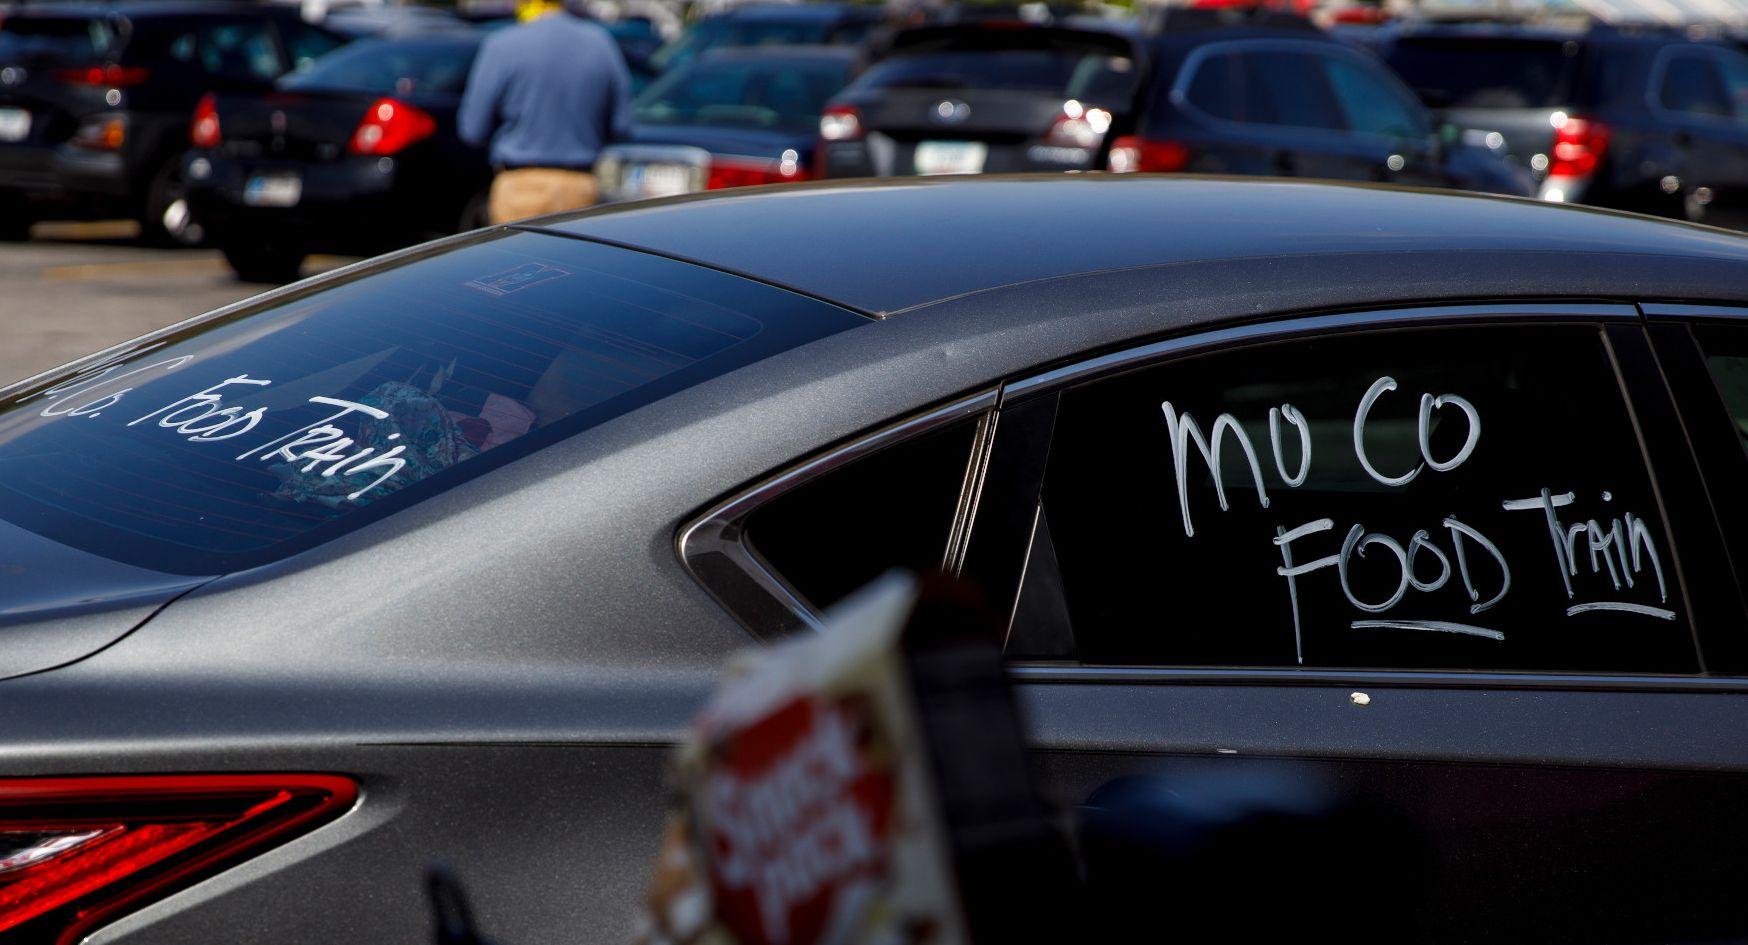 Mo. Co. Food Train is written on a car window